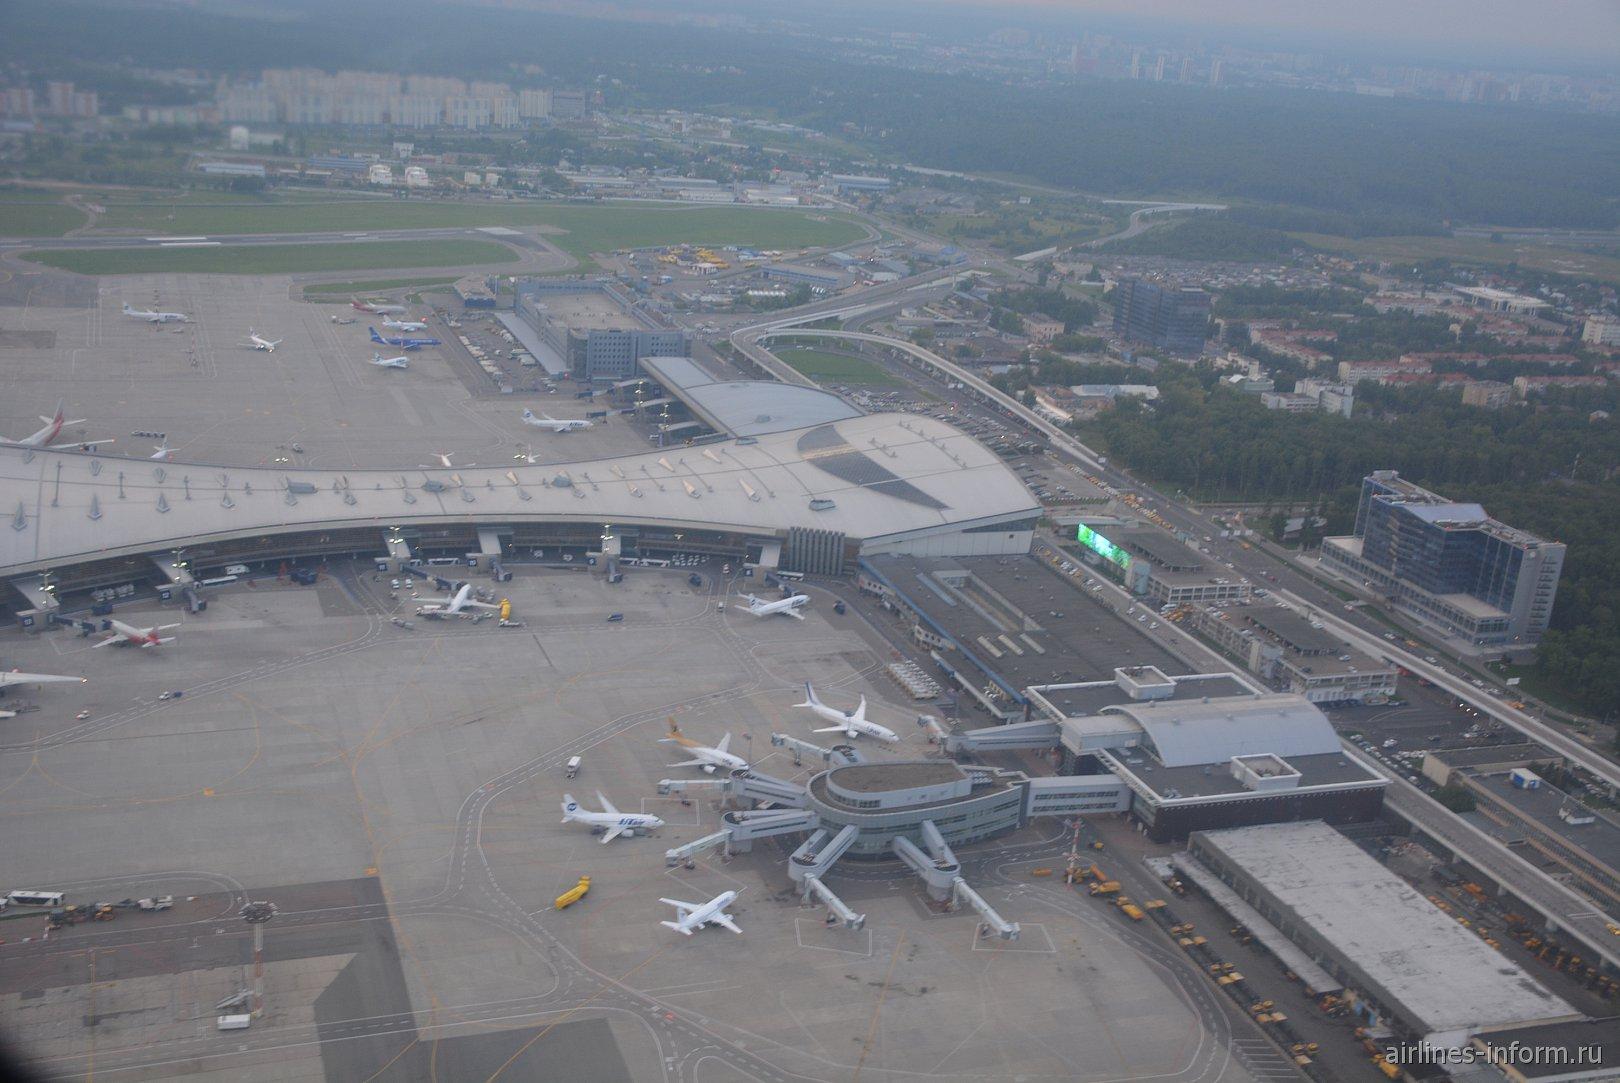 Пассажирские терминалы аэропорта Москва Внуково